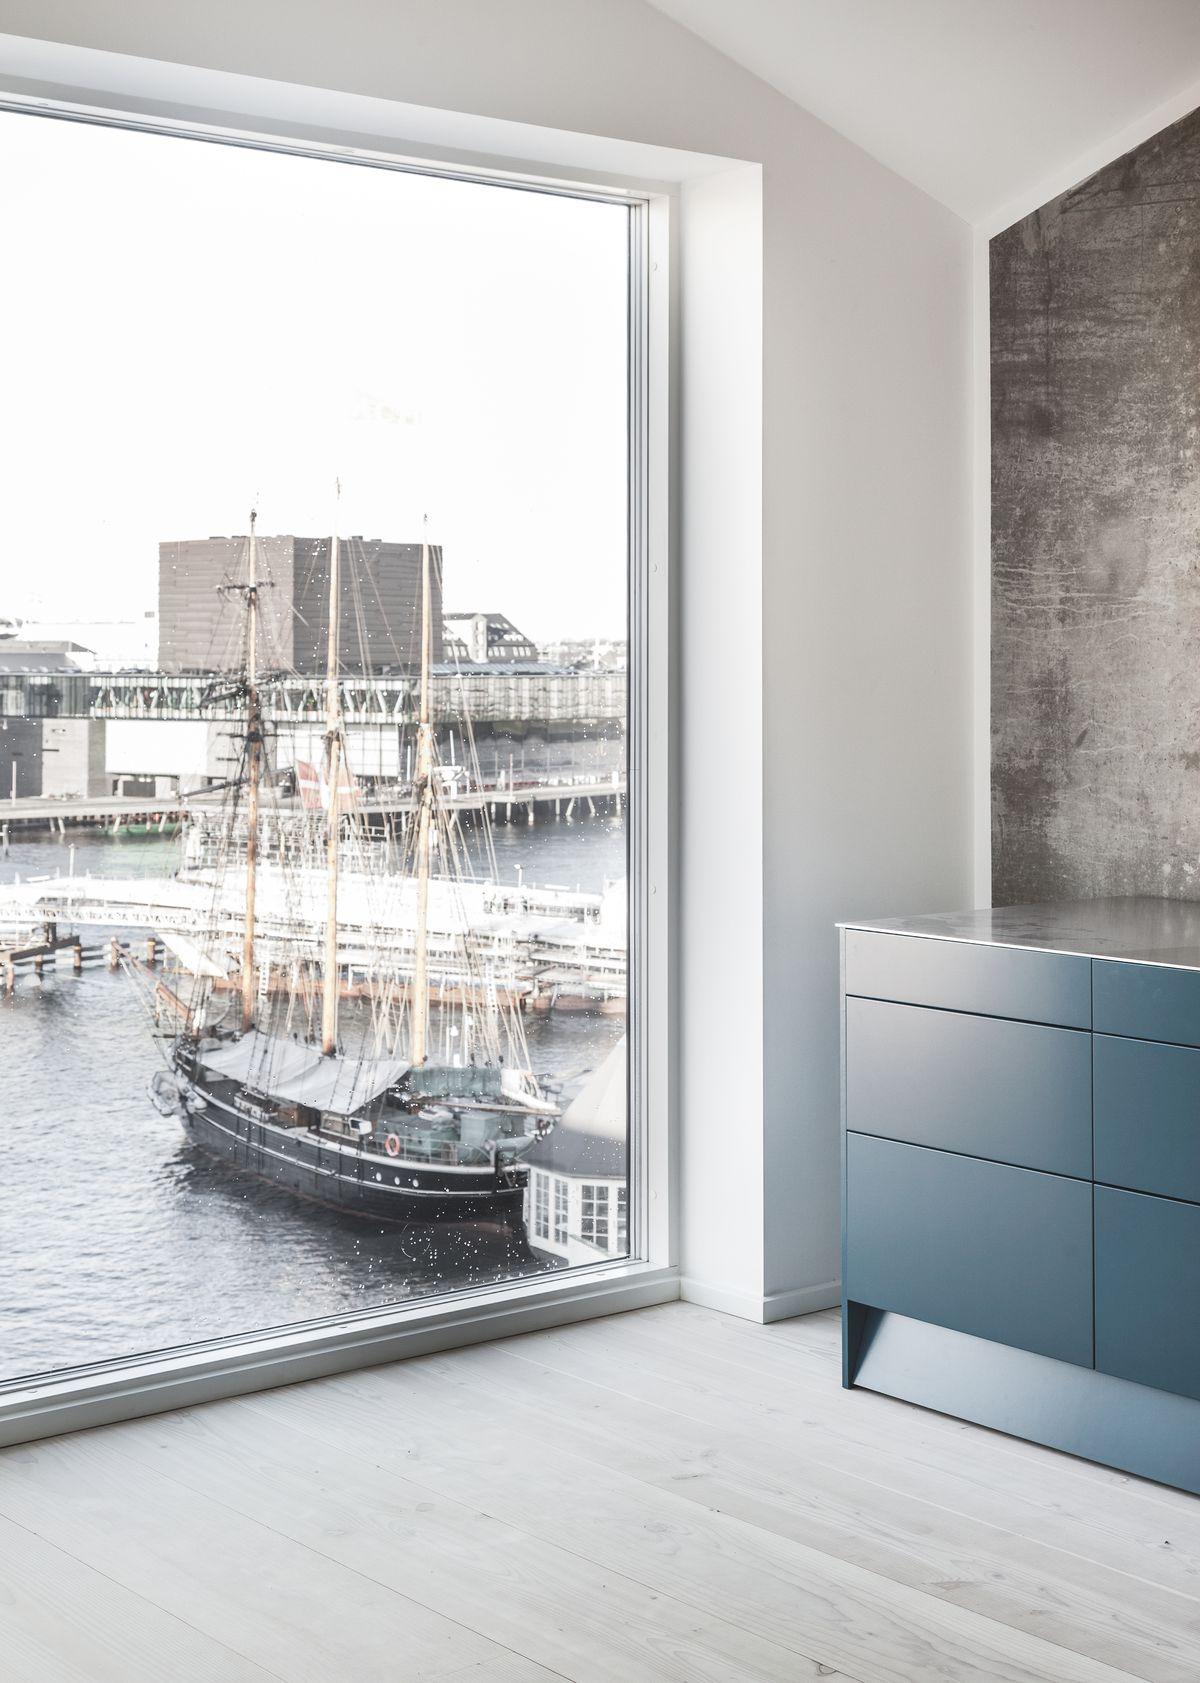 Kroyers Plad apartments in Copenhagen